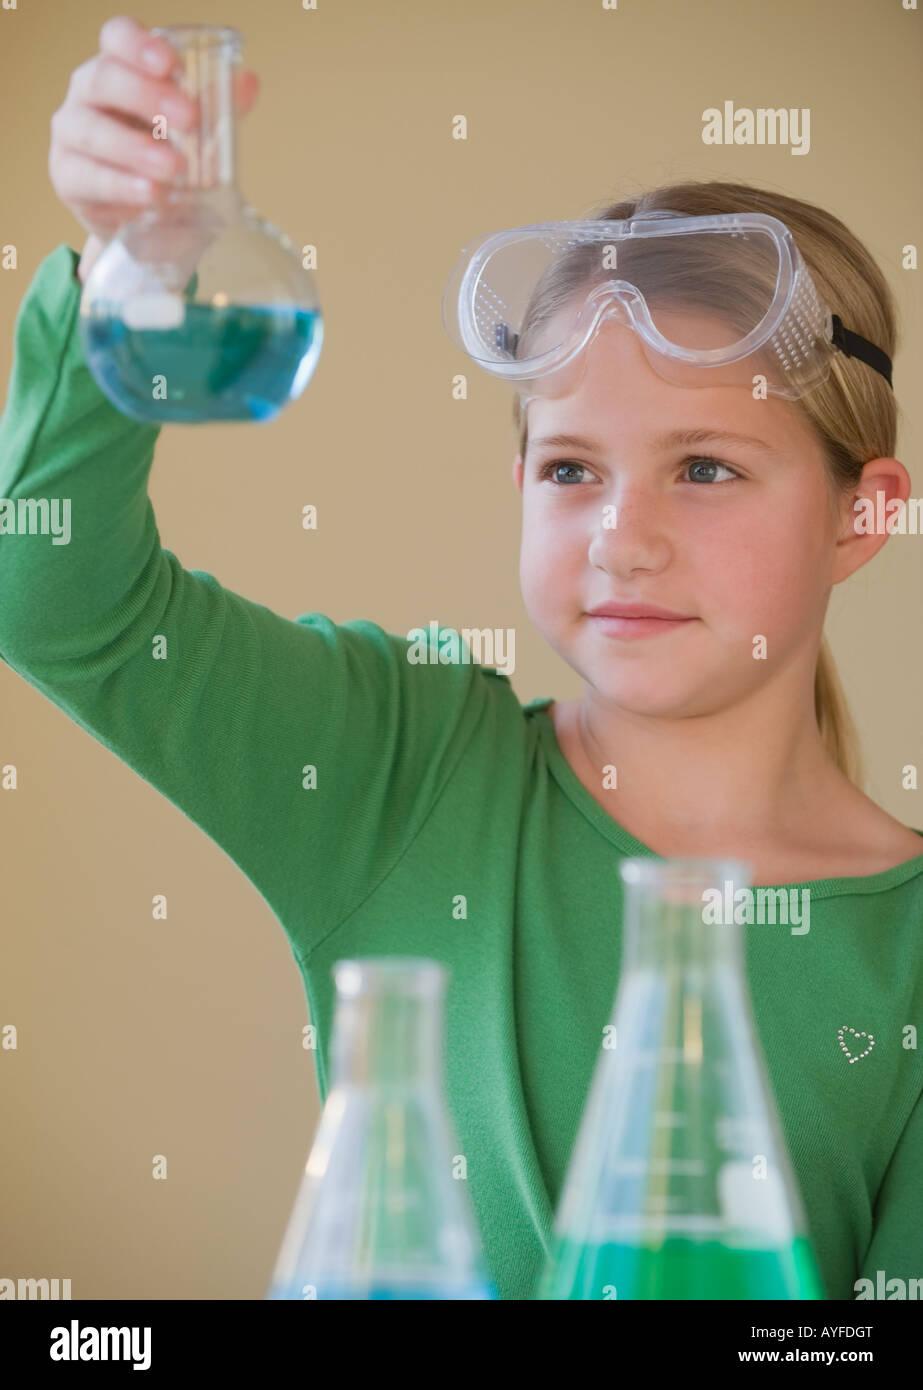 Niña en clase de ciencias mirando el vaso Imagen De Stock